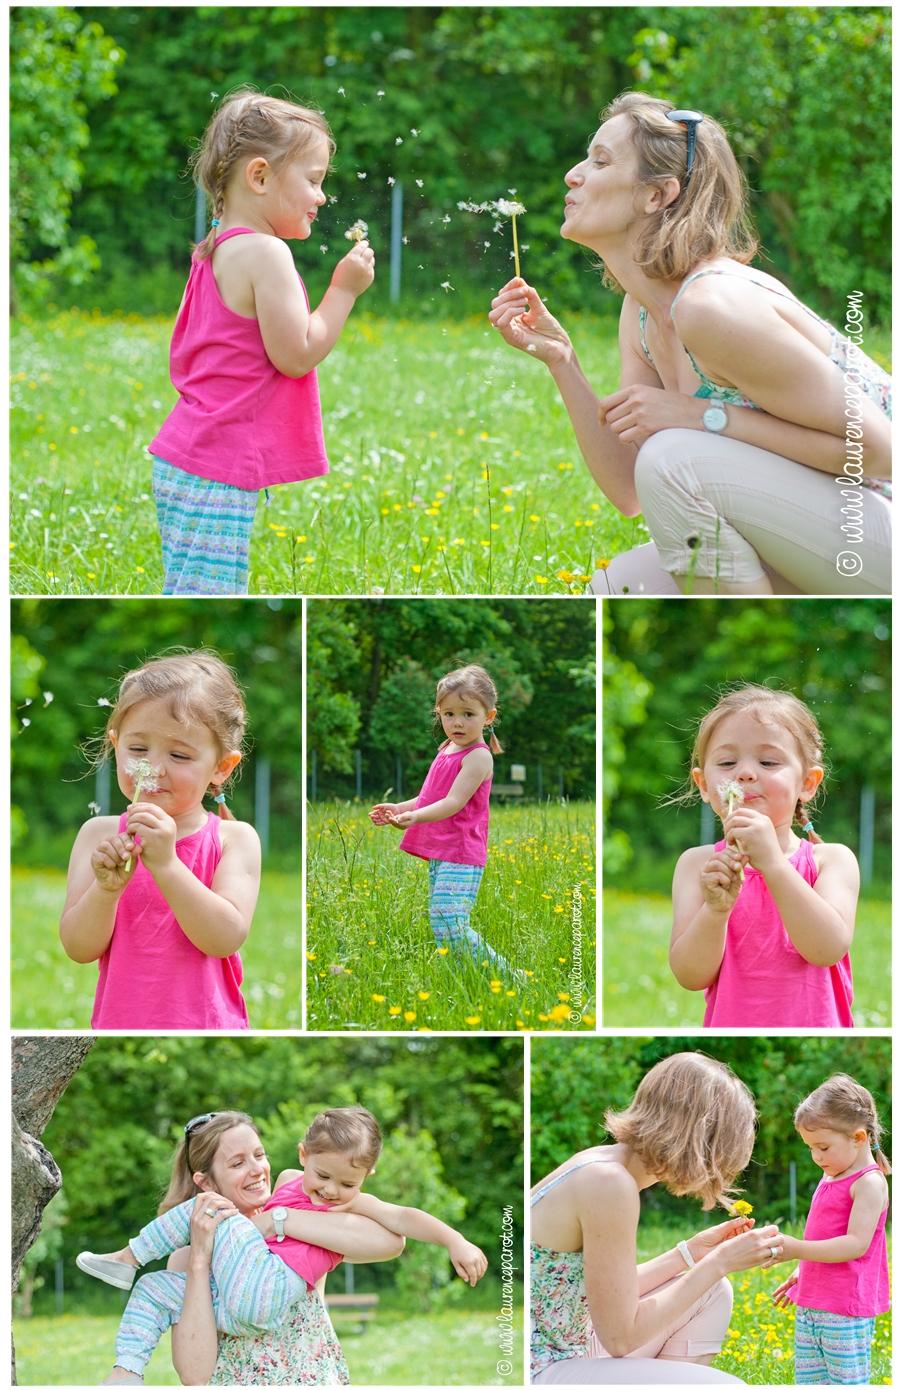 séance fete des meres laurence parot photographe essonne